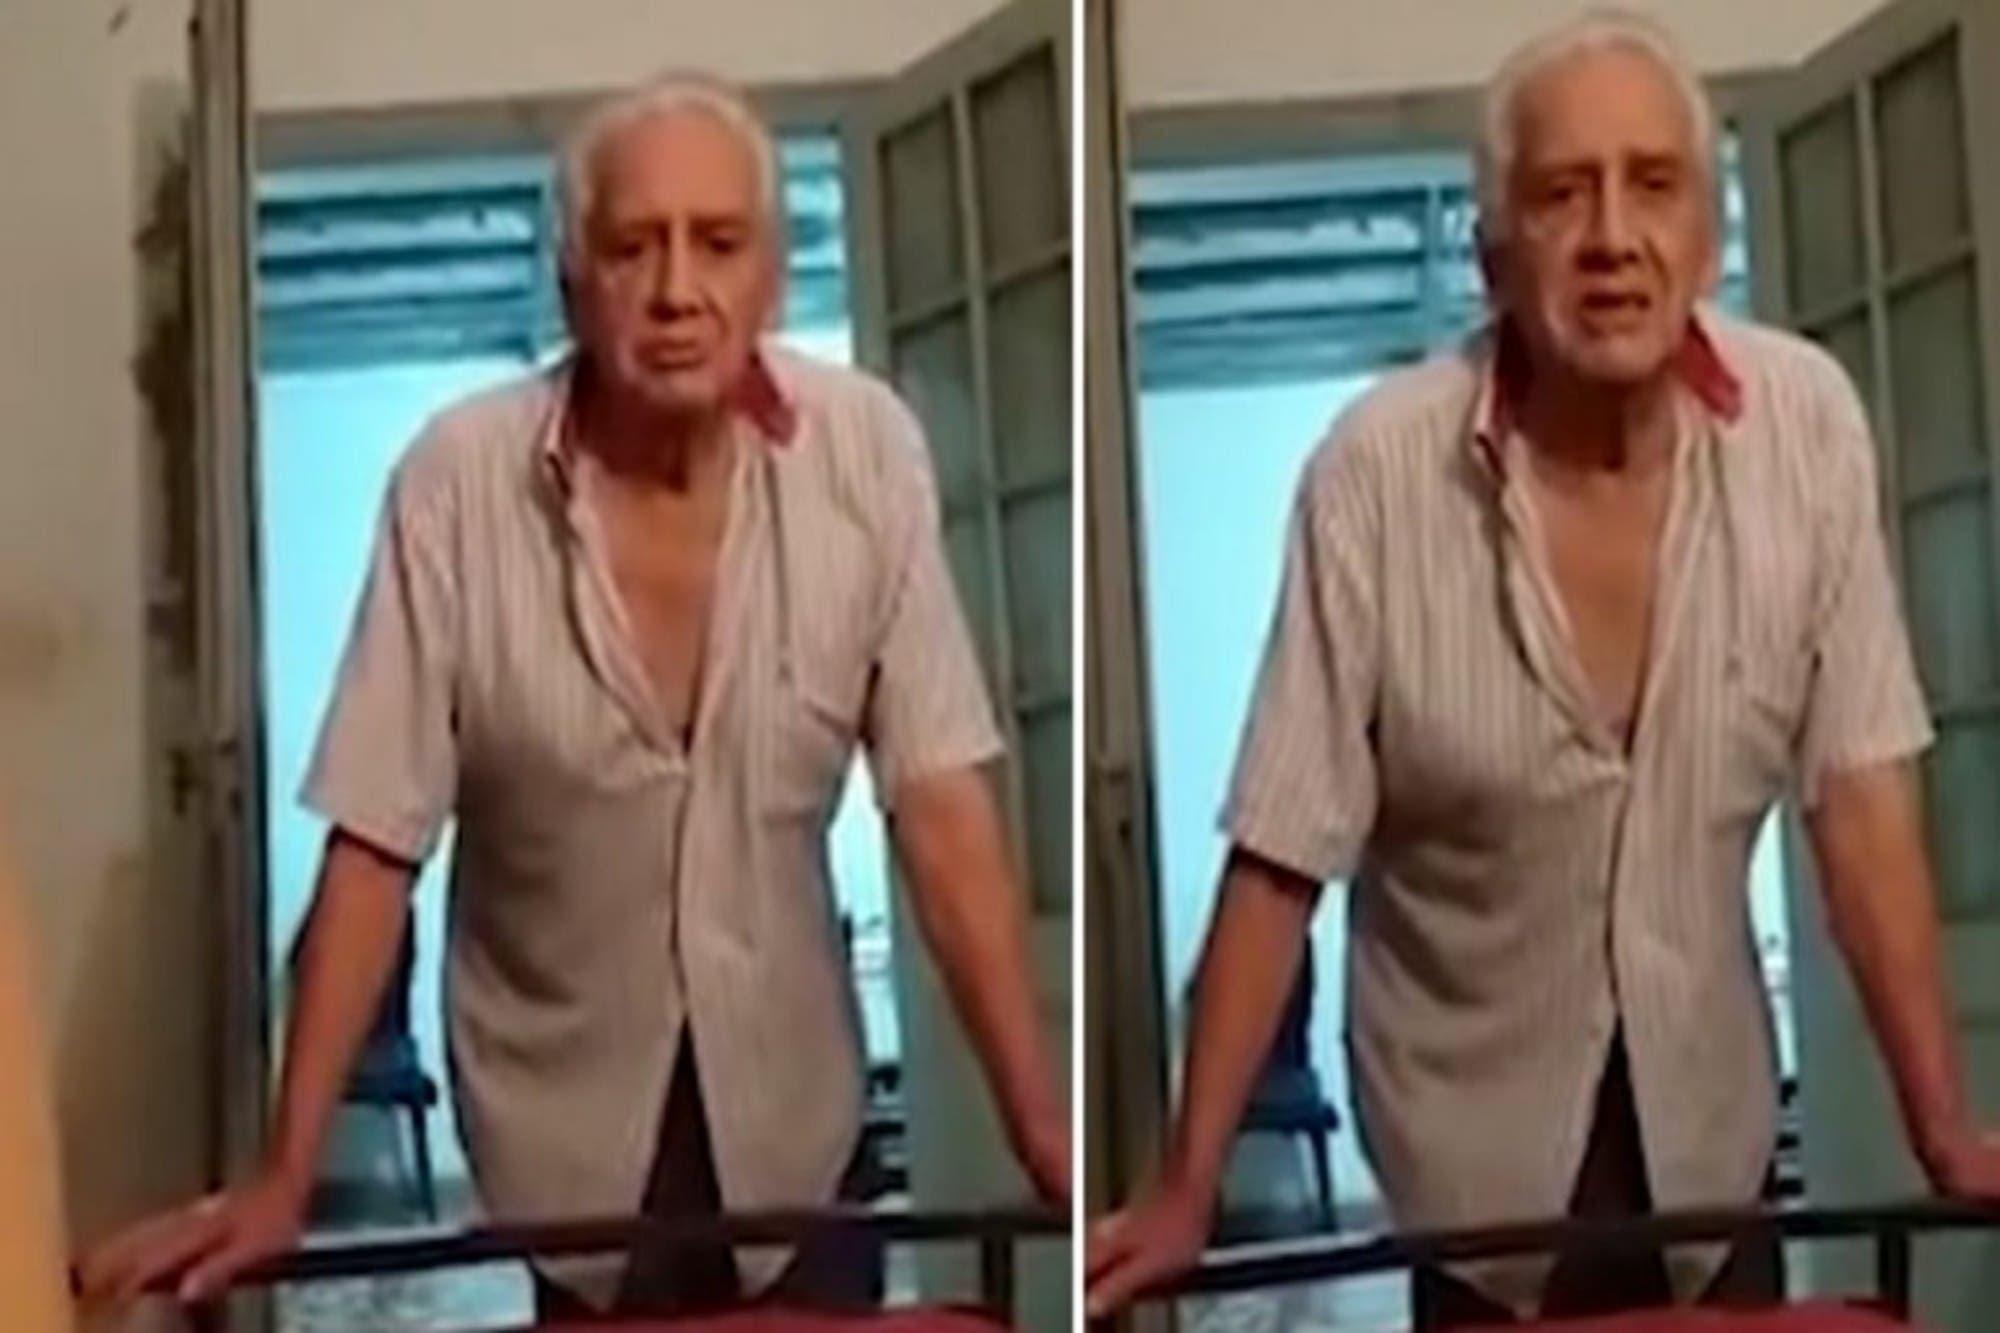 Adolescentes Follando Videos Porno tucumán: una adolescente grabó a su abuelo mientras la